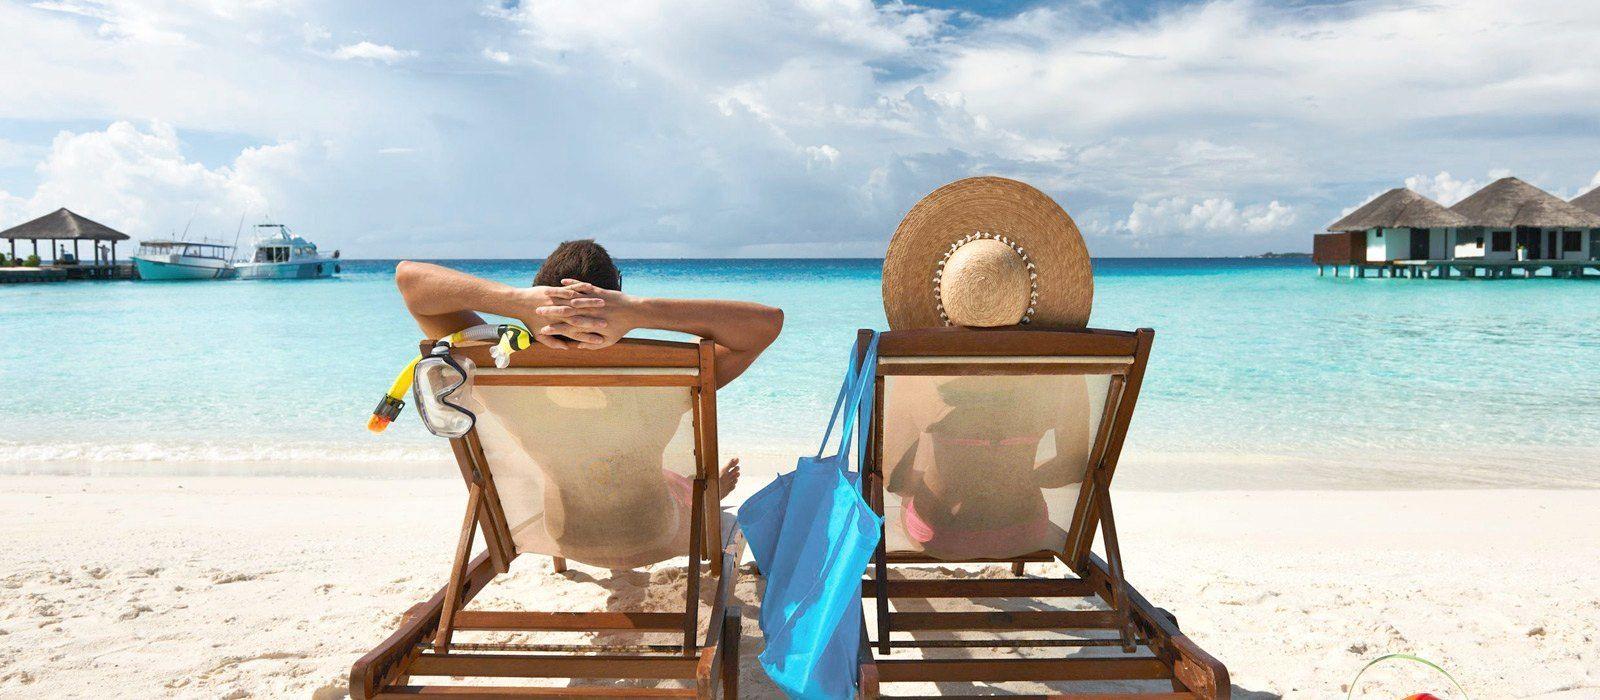 Indien & Malediven: Luxuriöse Honeymoon Reise Urlaub 1